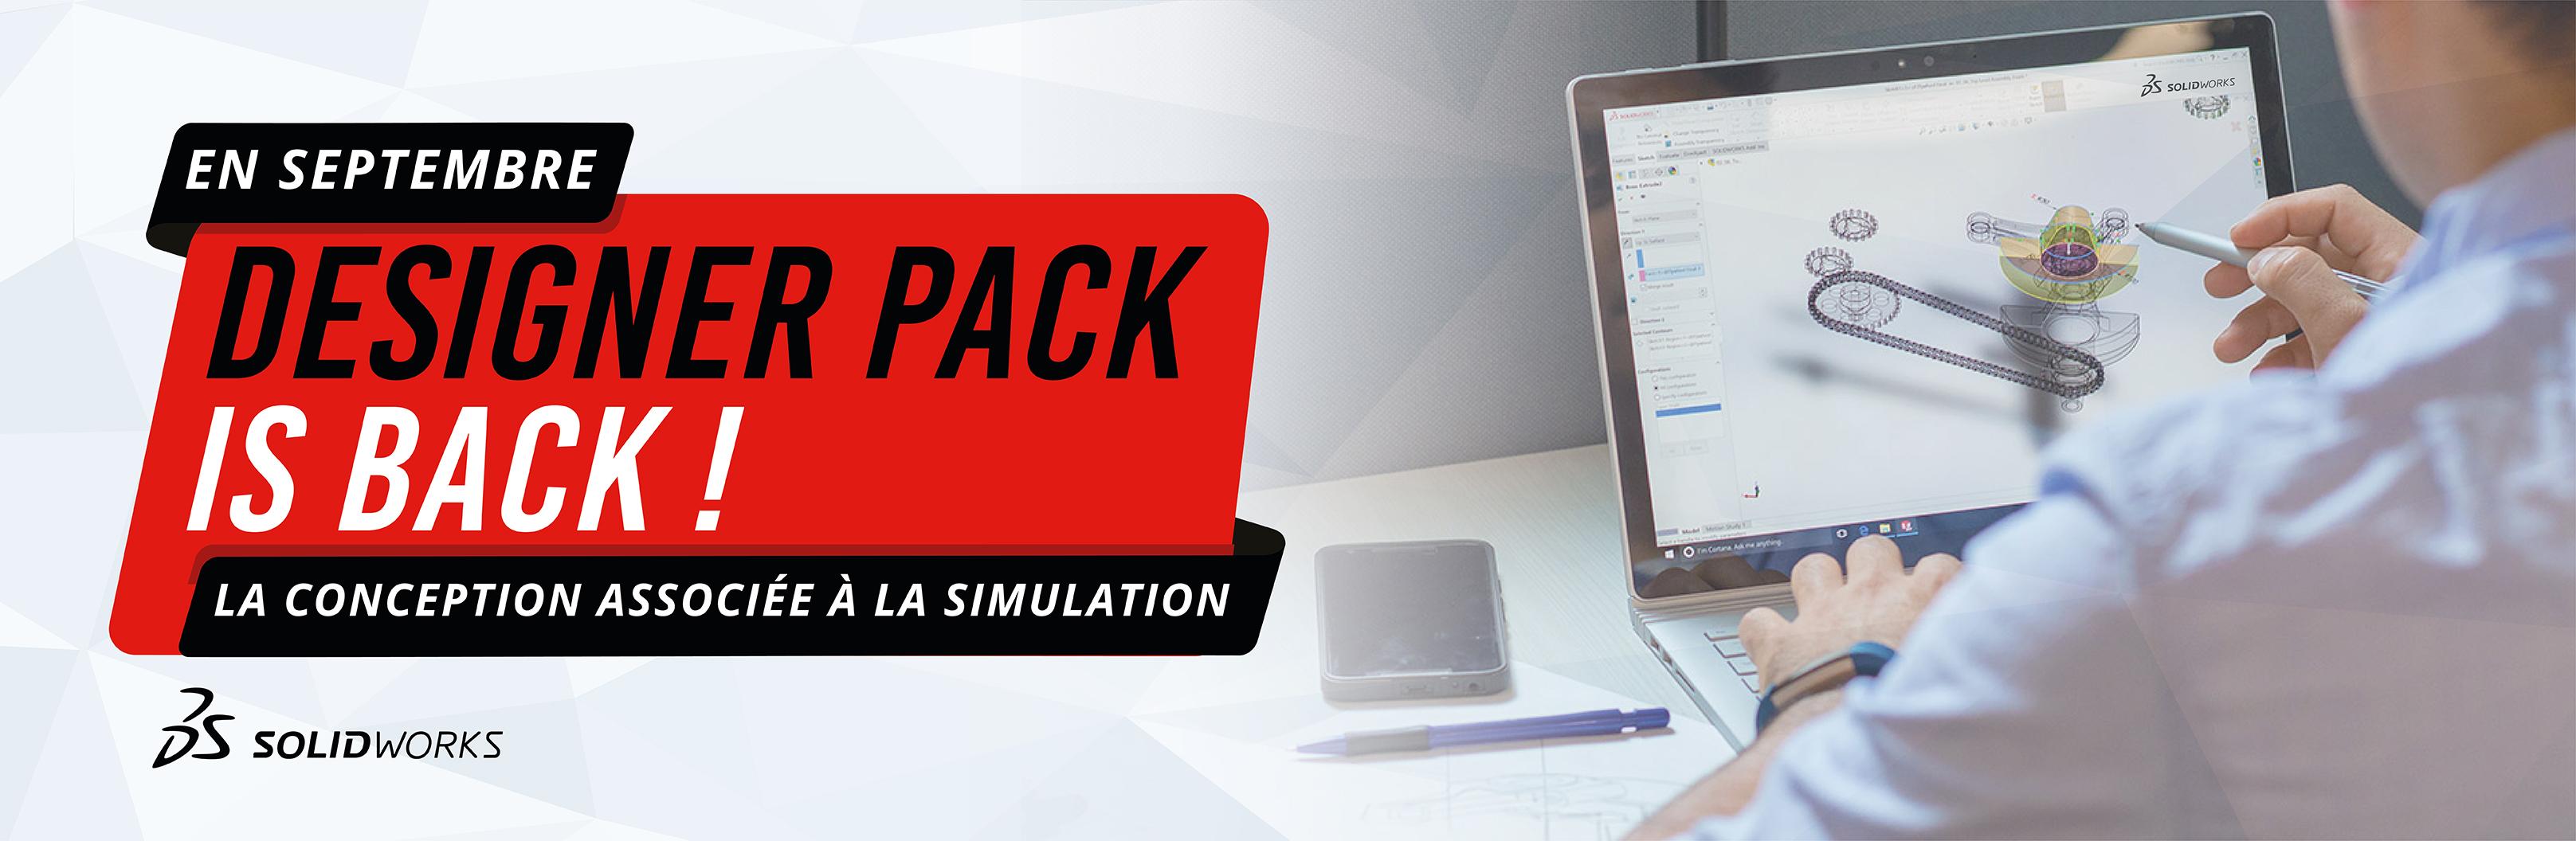 DESIGNER PACK IS Back ! Guidez votre conception par la simulation